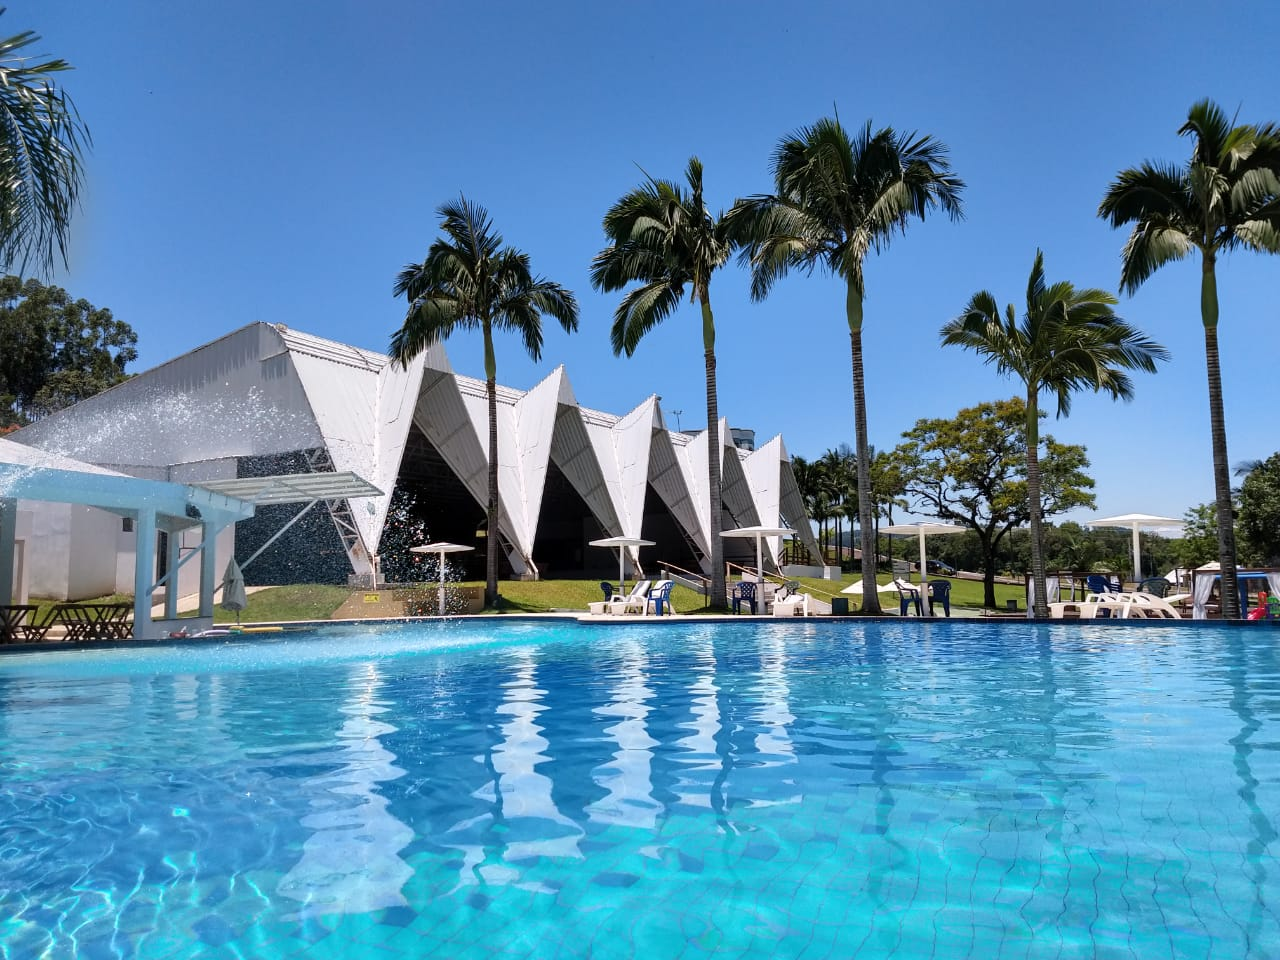 O turismo termal da região Oeste de Santa Catarina